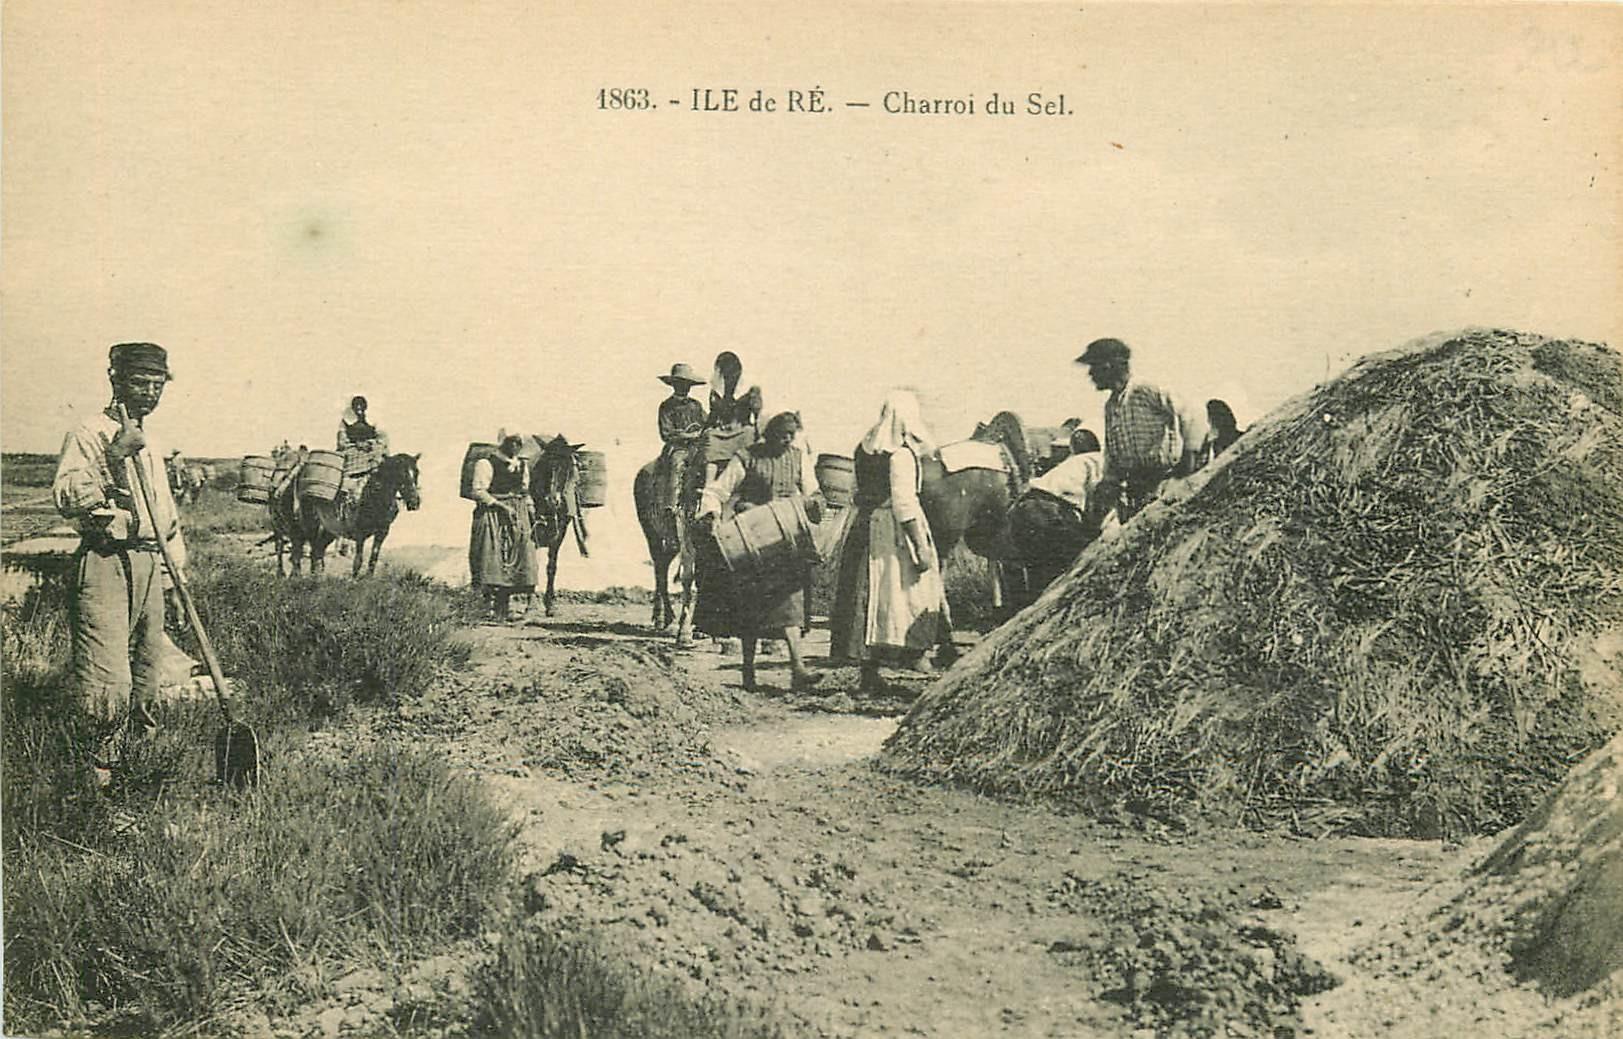 17 ILE DE RE. Charroi du Sel sur Chevaux. Paludières et Paludiers vers 1900